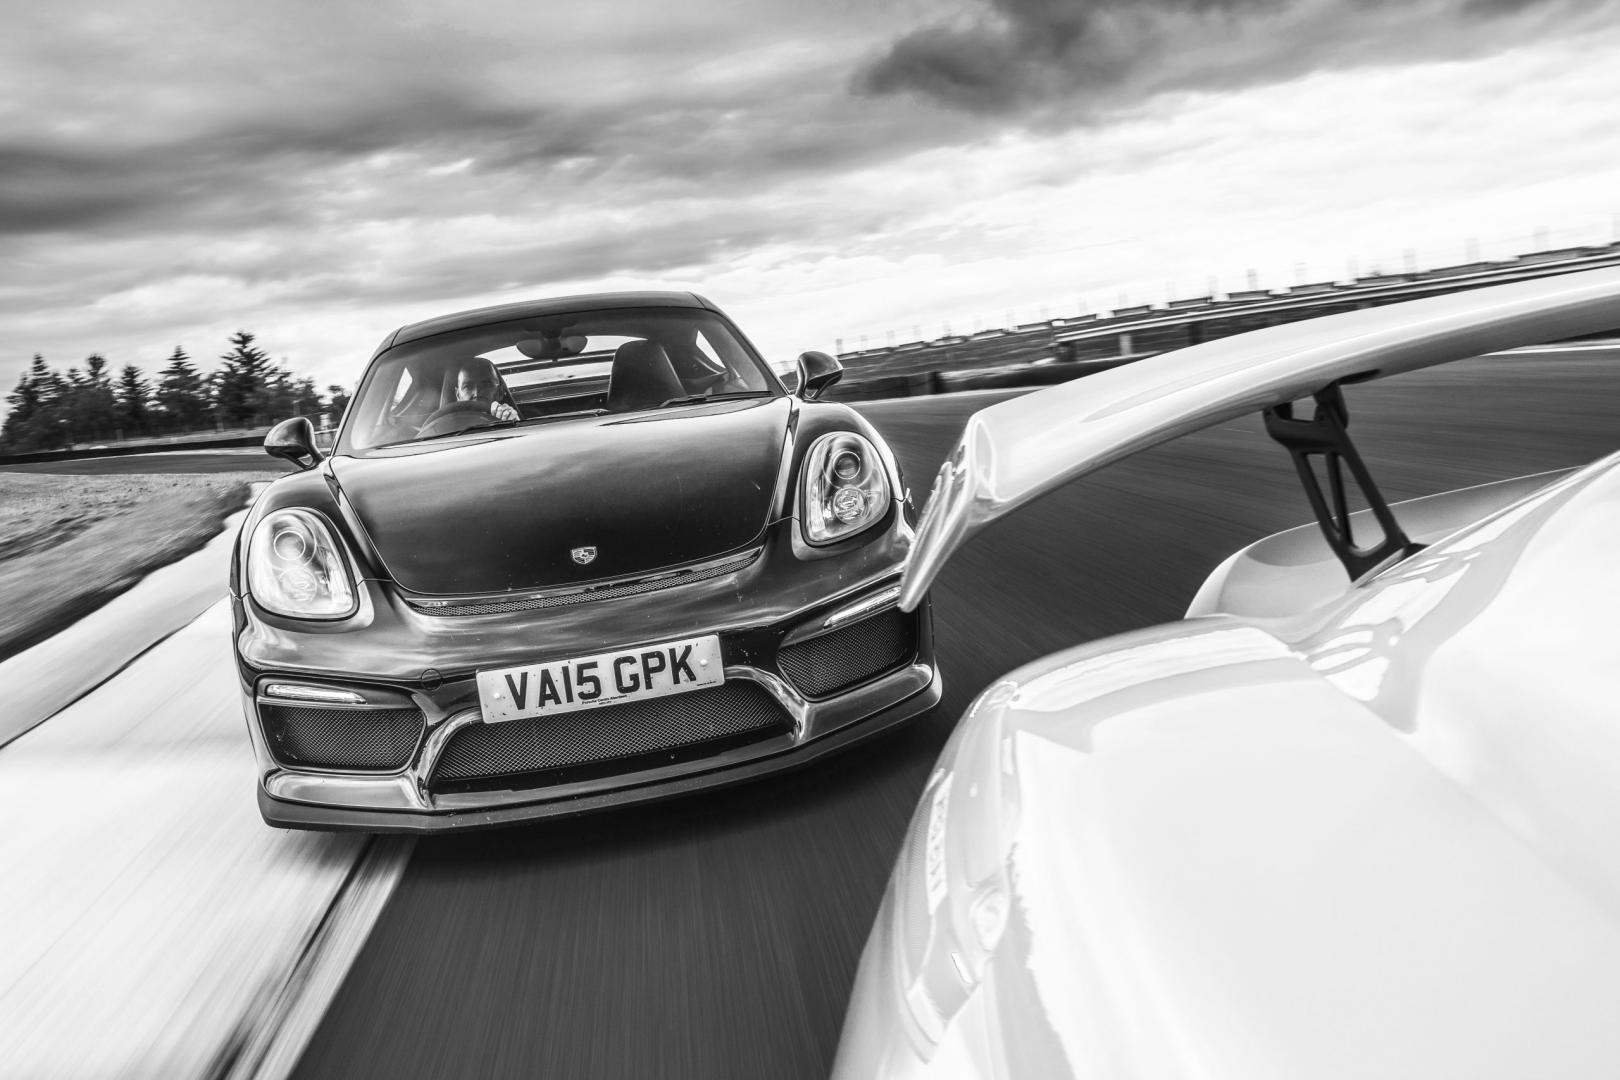 Porsche 718 Cayman GT4 zwartwit achter elkaar rijdend voorkant